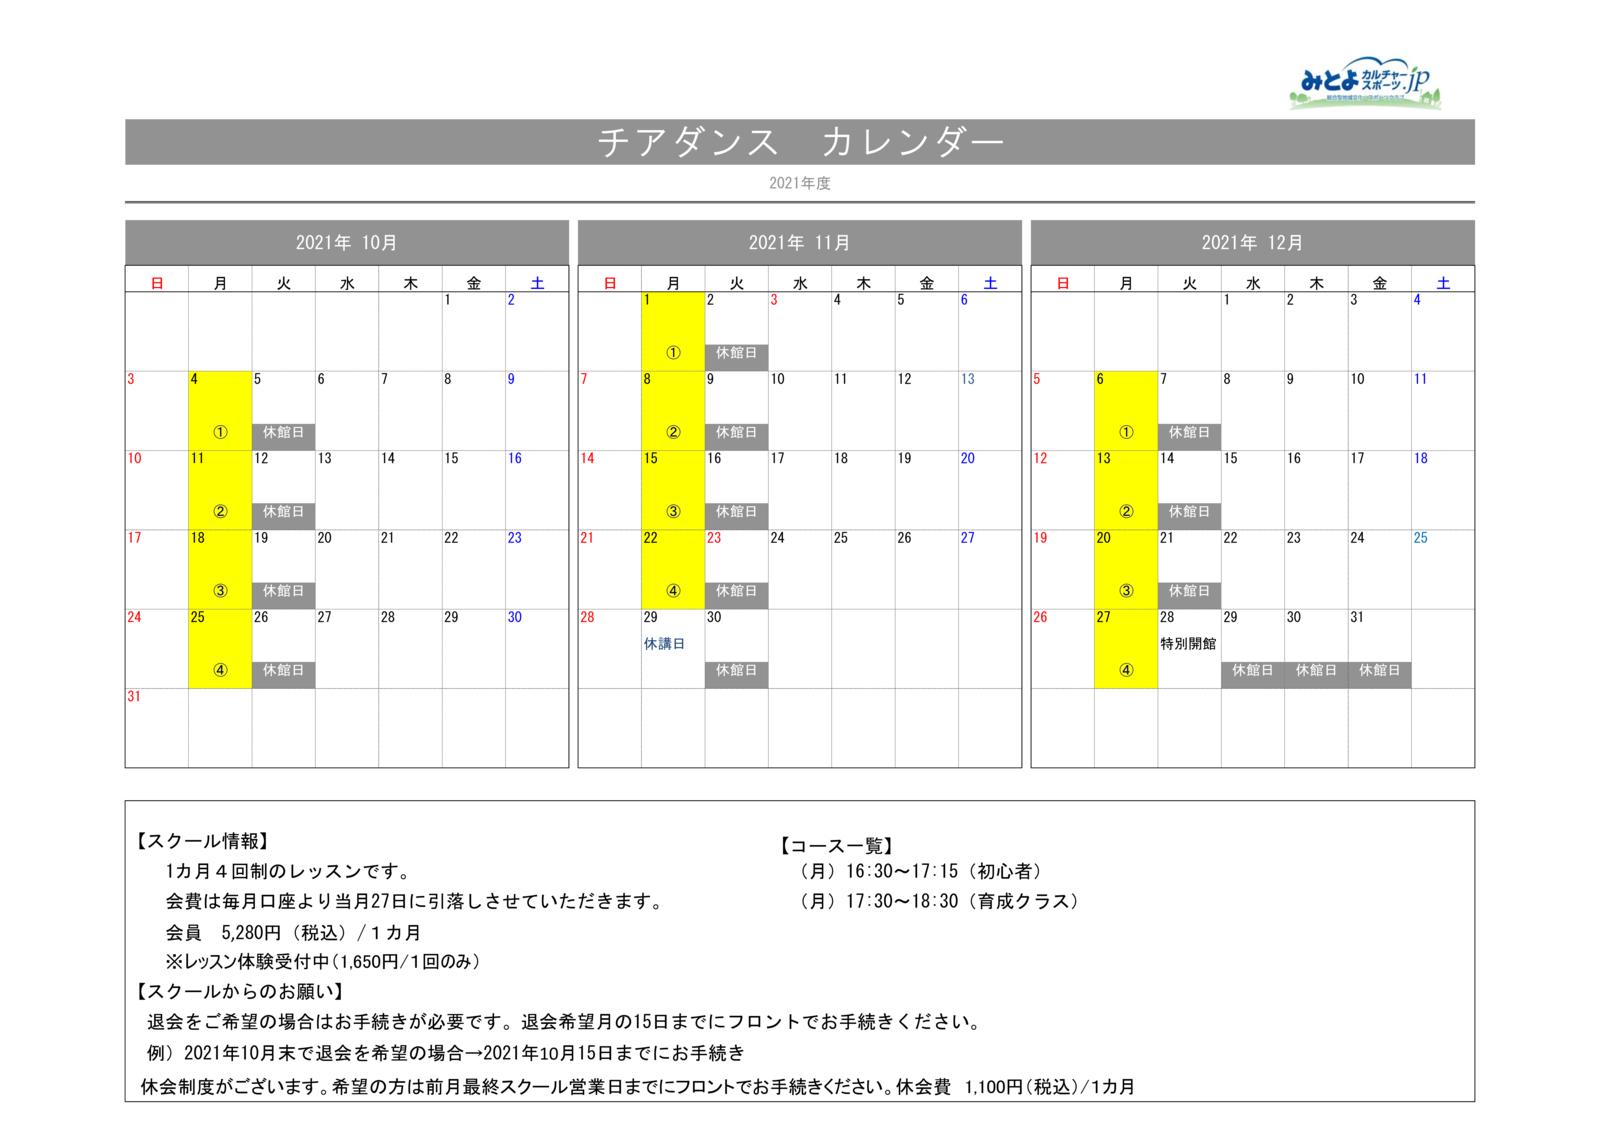 【チアダンス】カレンダー3ヶ月版.xls101112のサムネイル